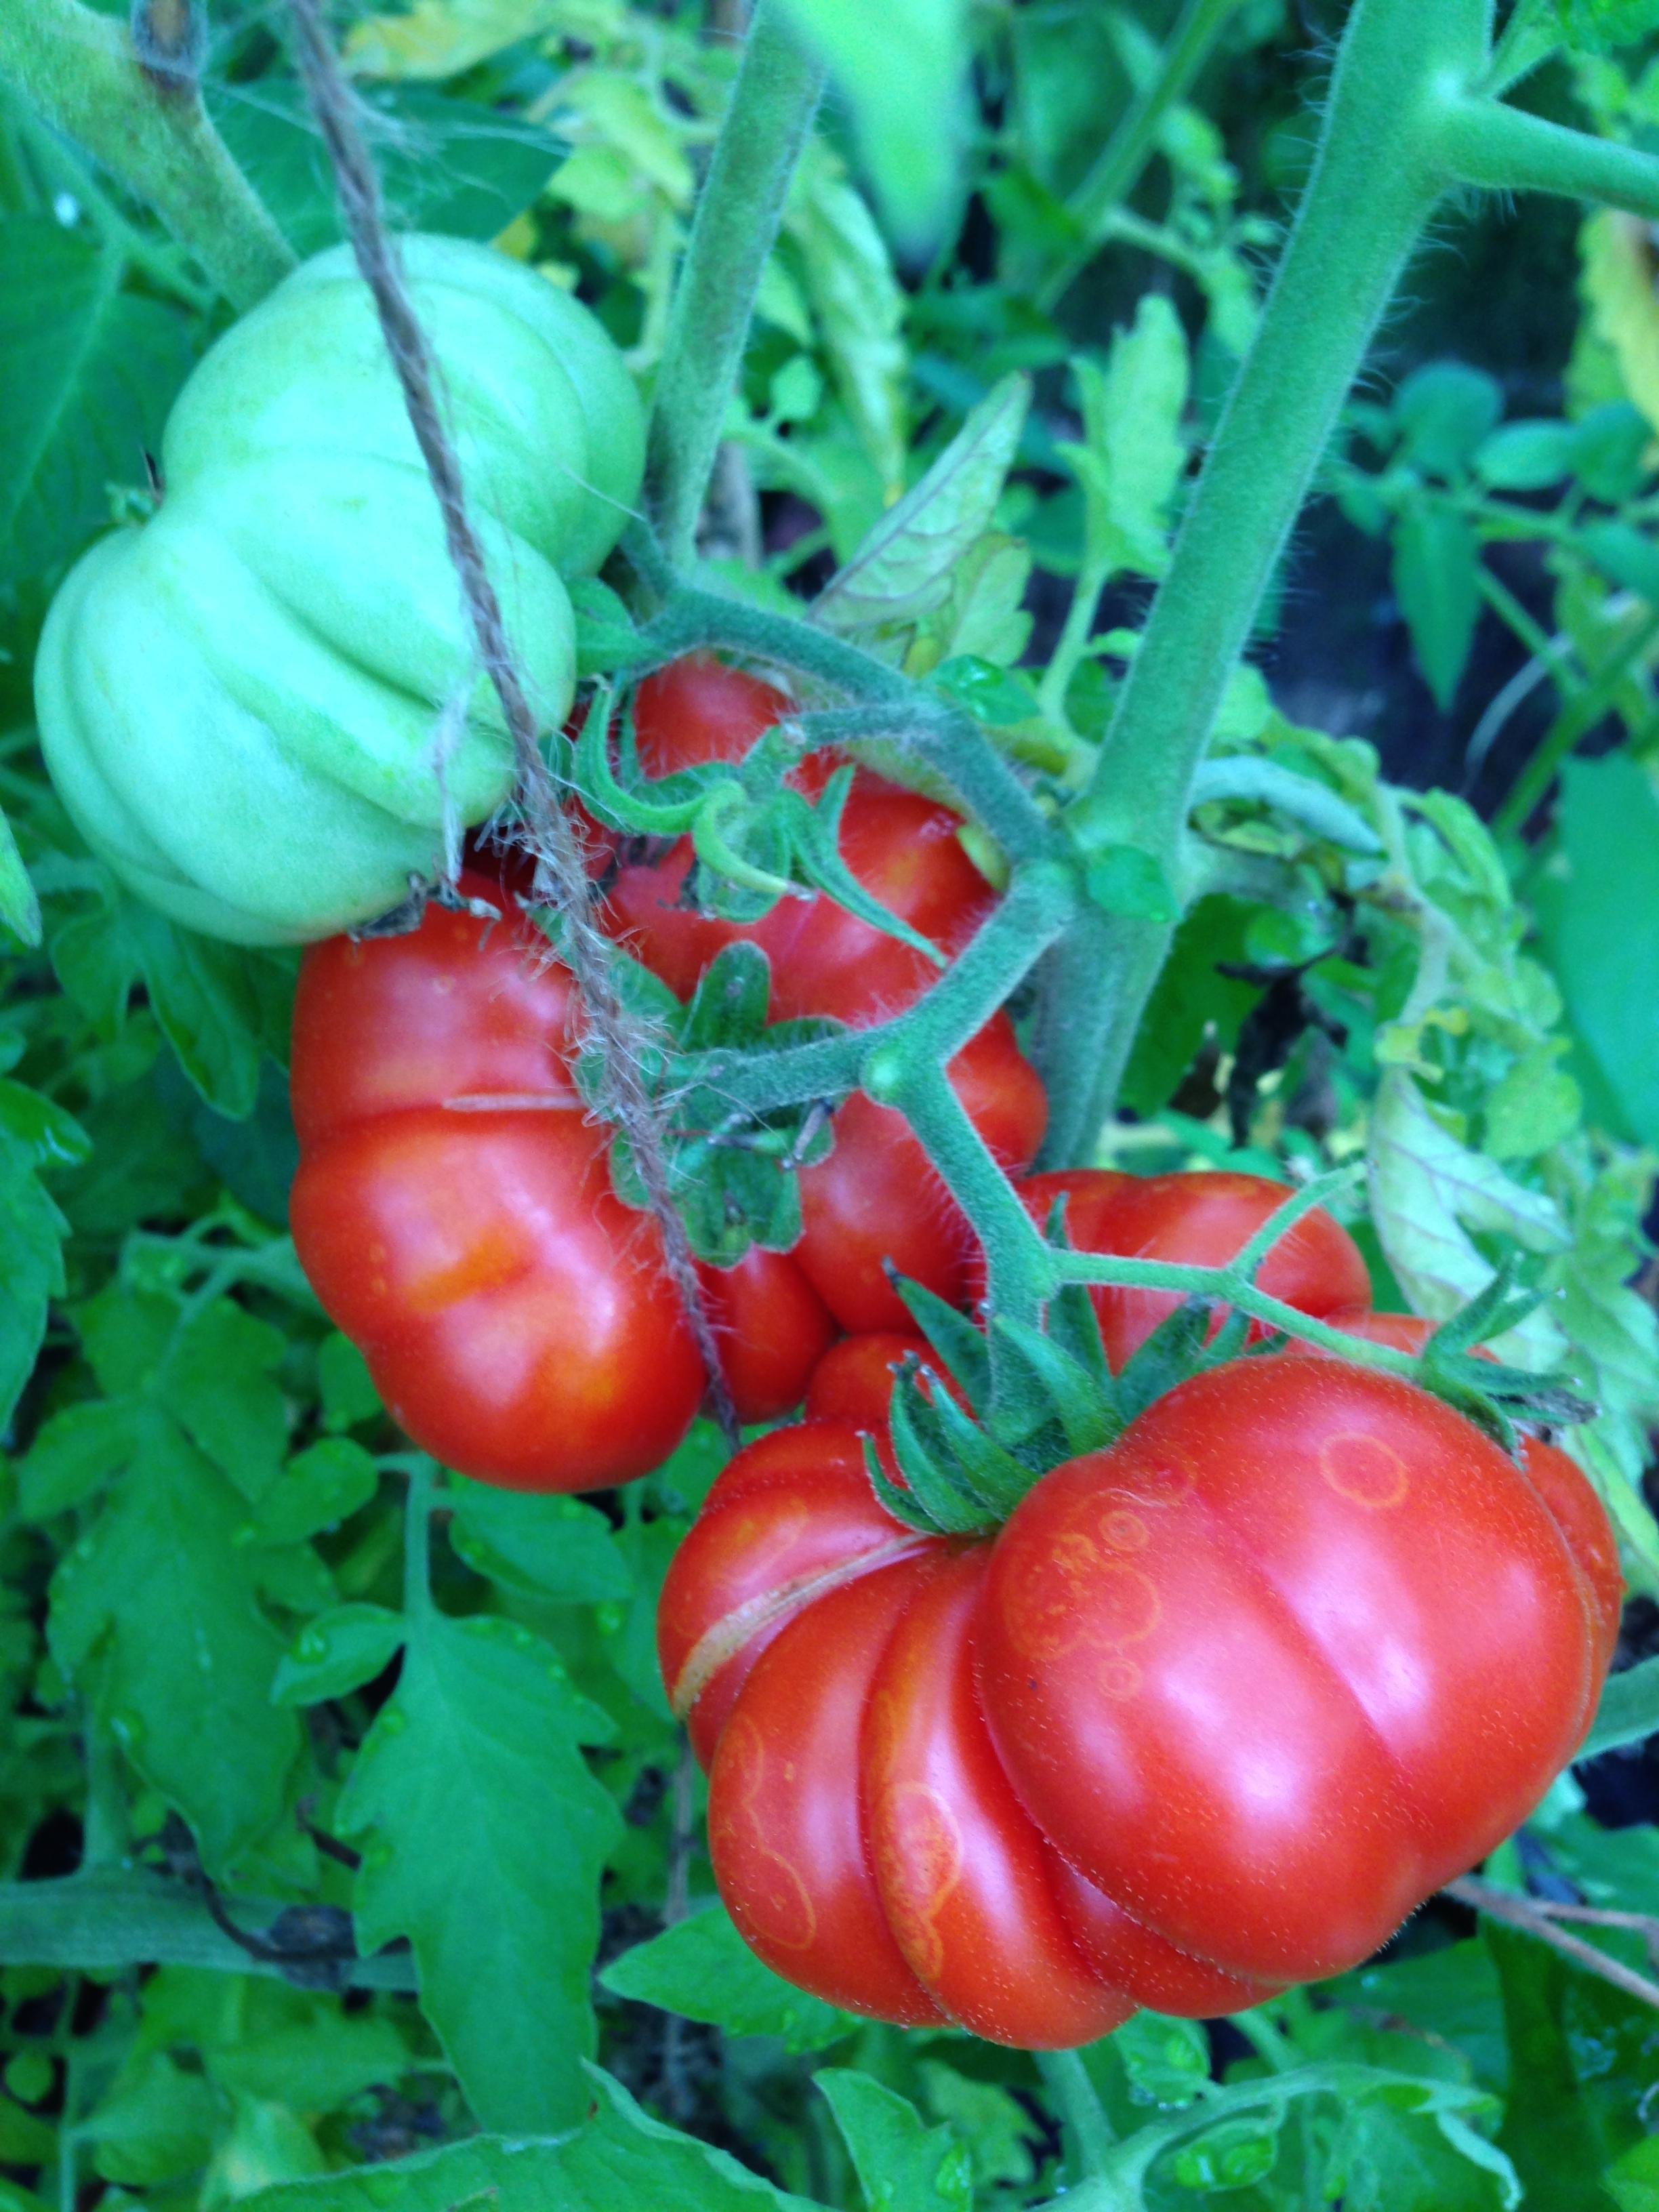 Mijn eerste twee Costoluto Fiorentino tomaten